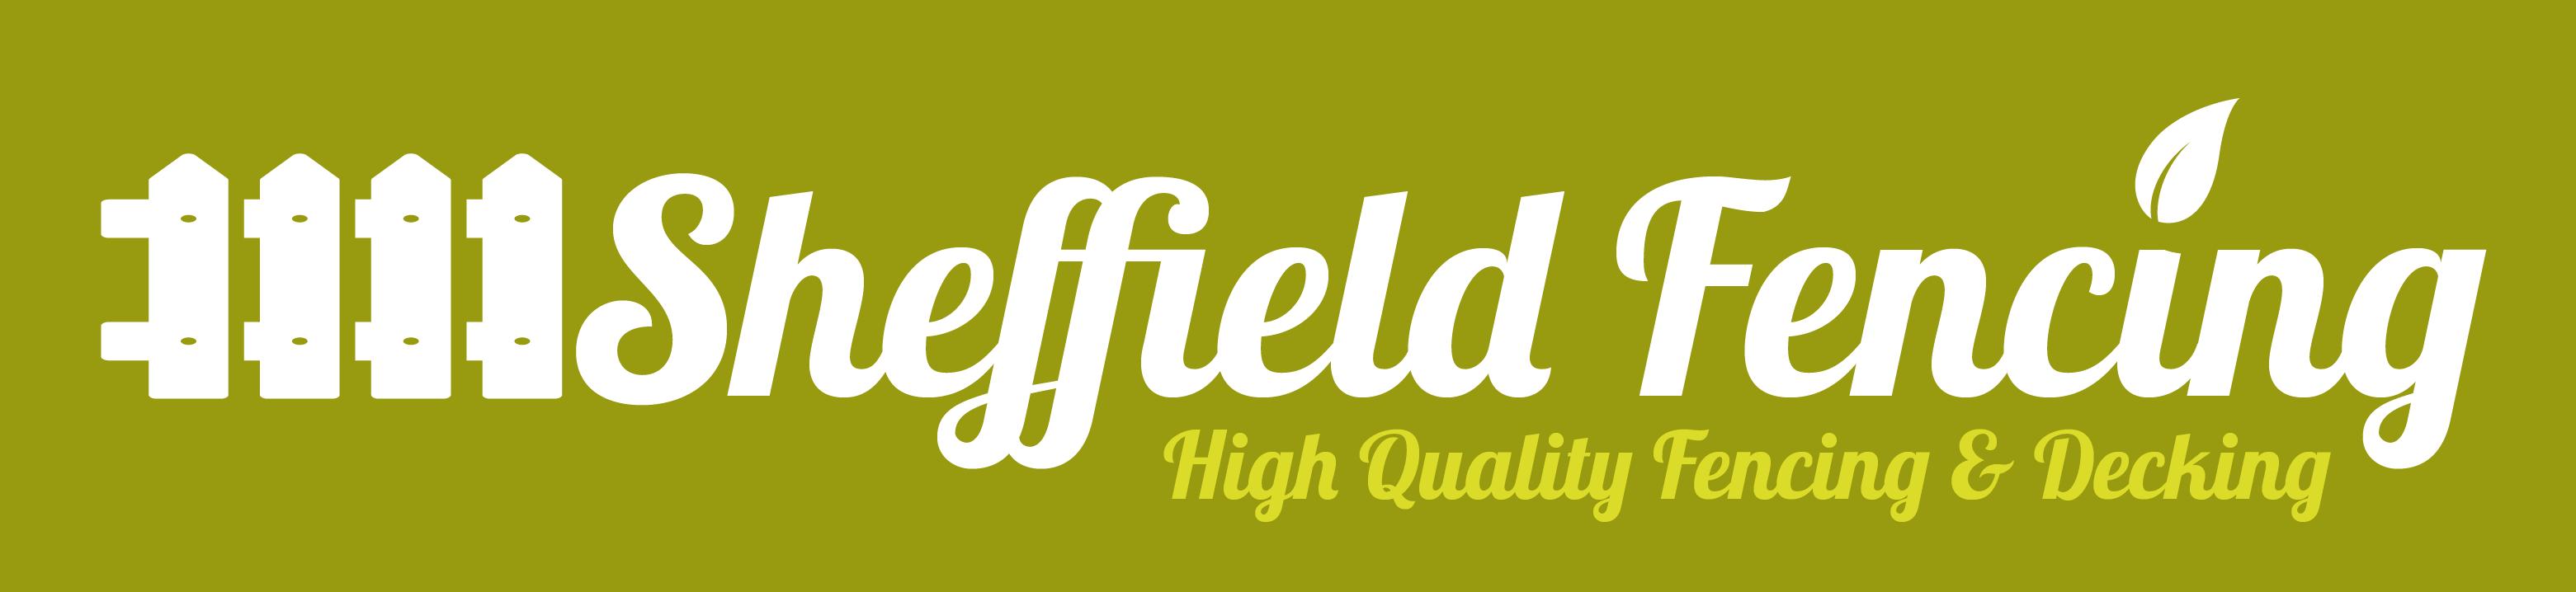 Sheffield Fencing